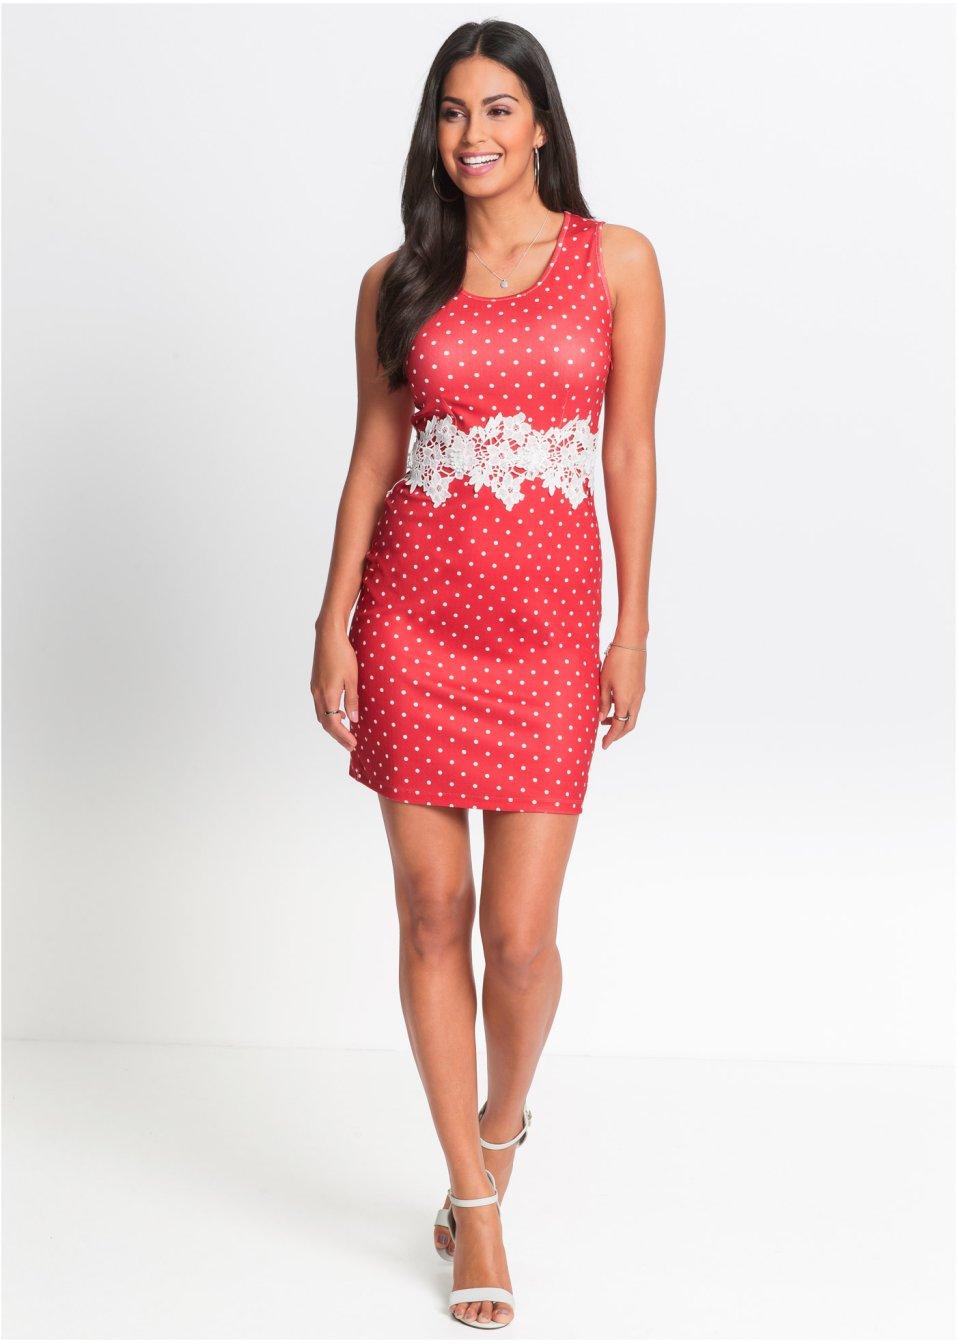 Kleid aus Jersey-Crepe mit Spitze erdbeere/wollweiß ...